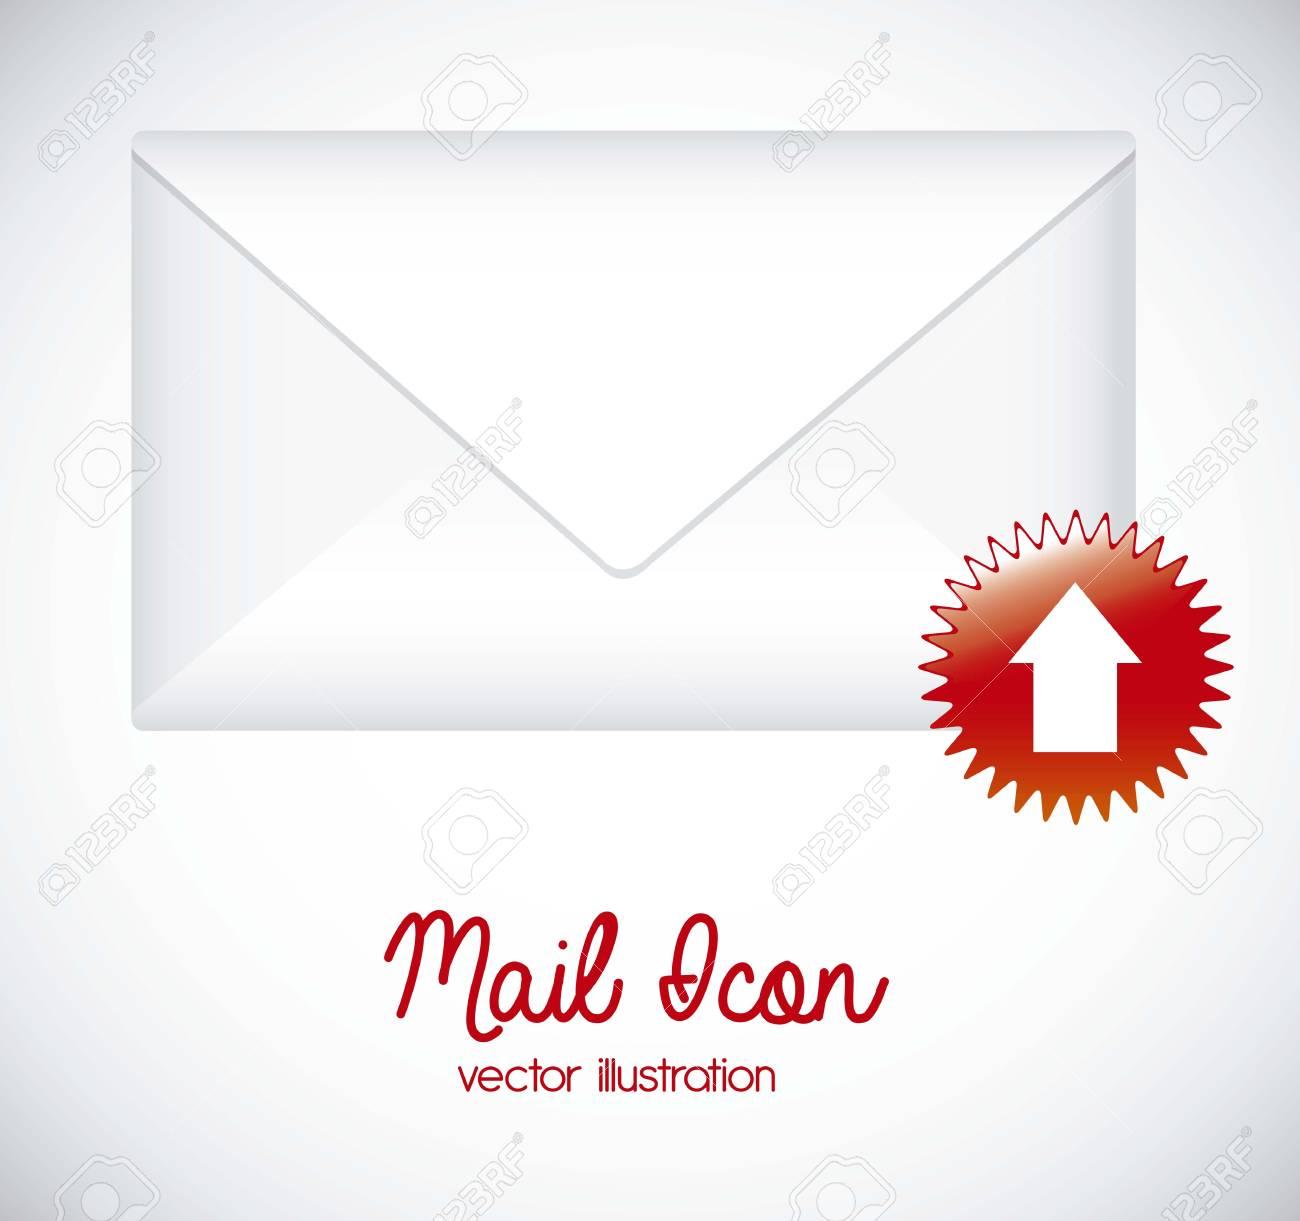 図メール アイコン。手紙メール イラストのイラスト ロイヤリティフリー